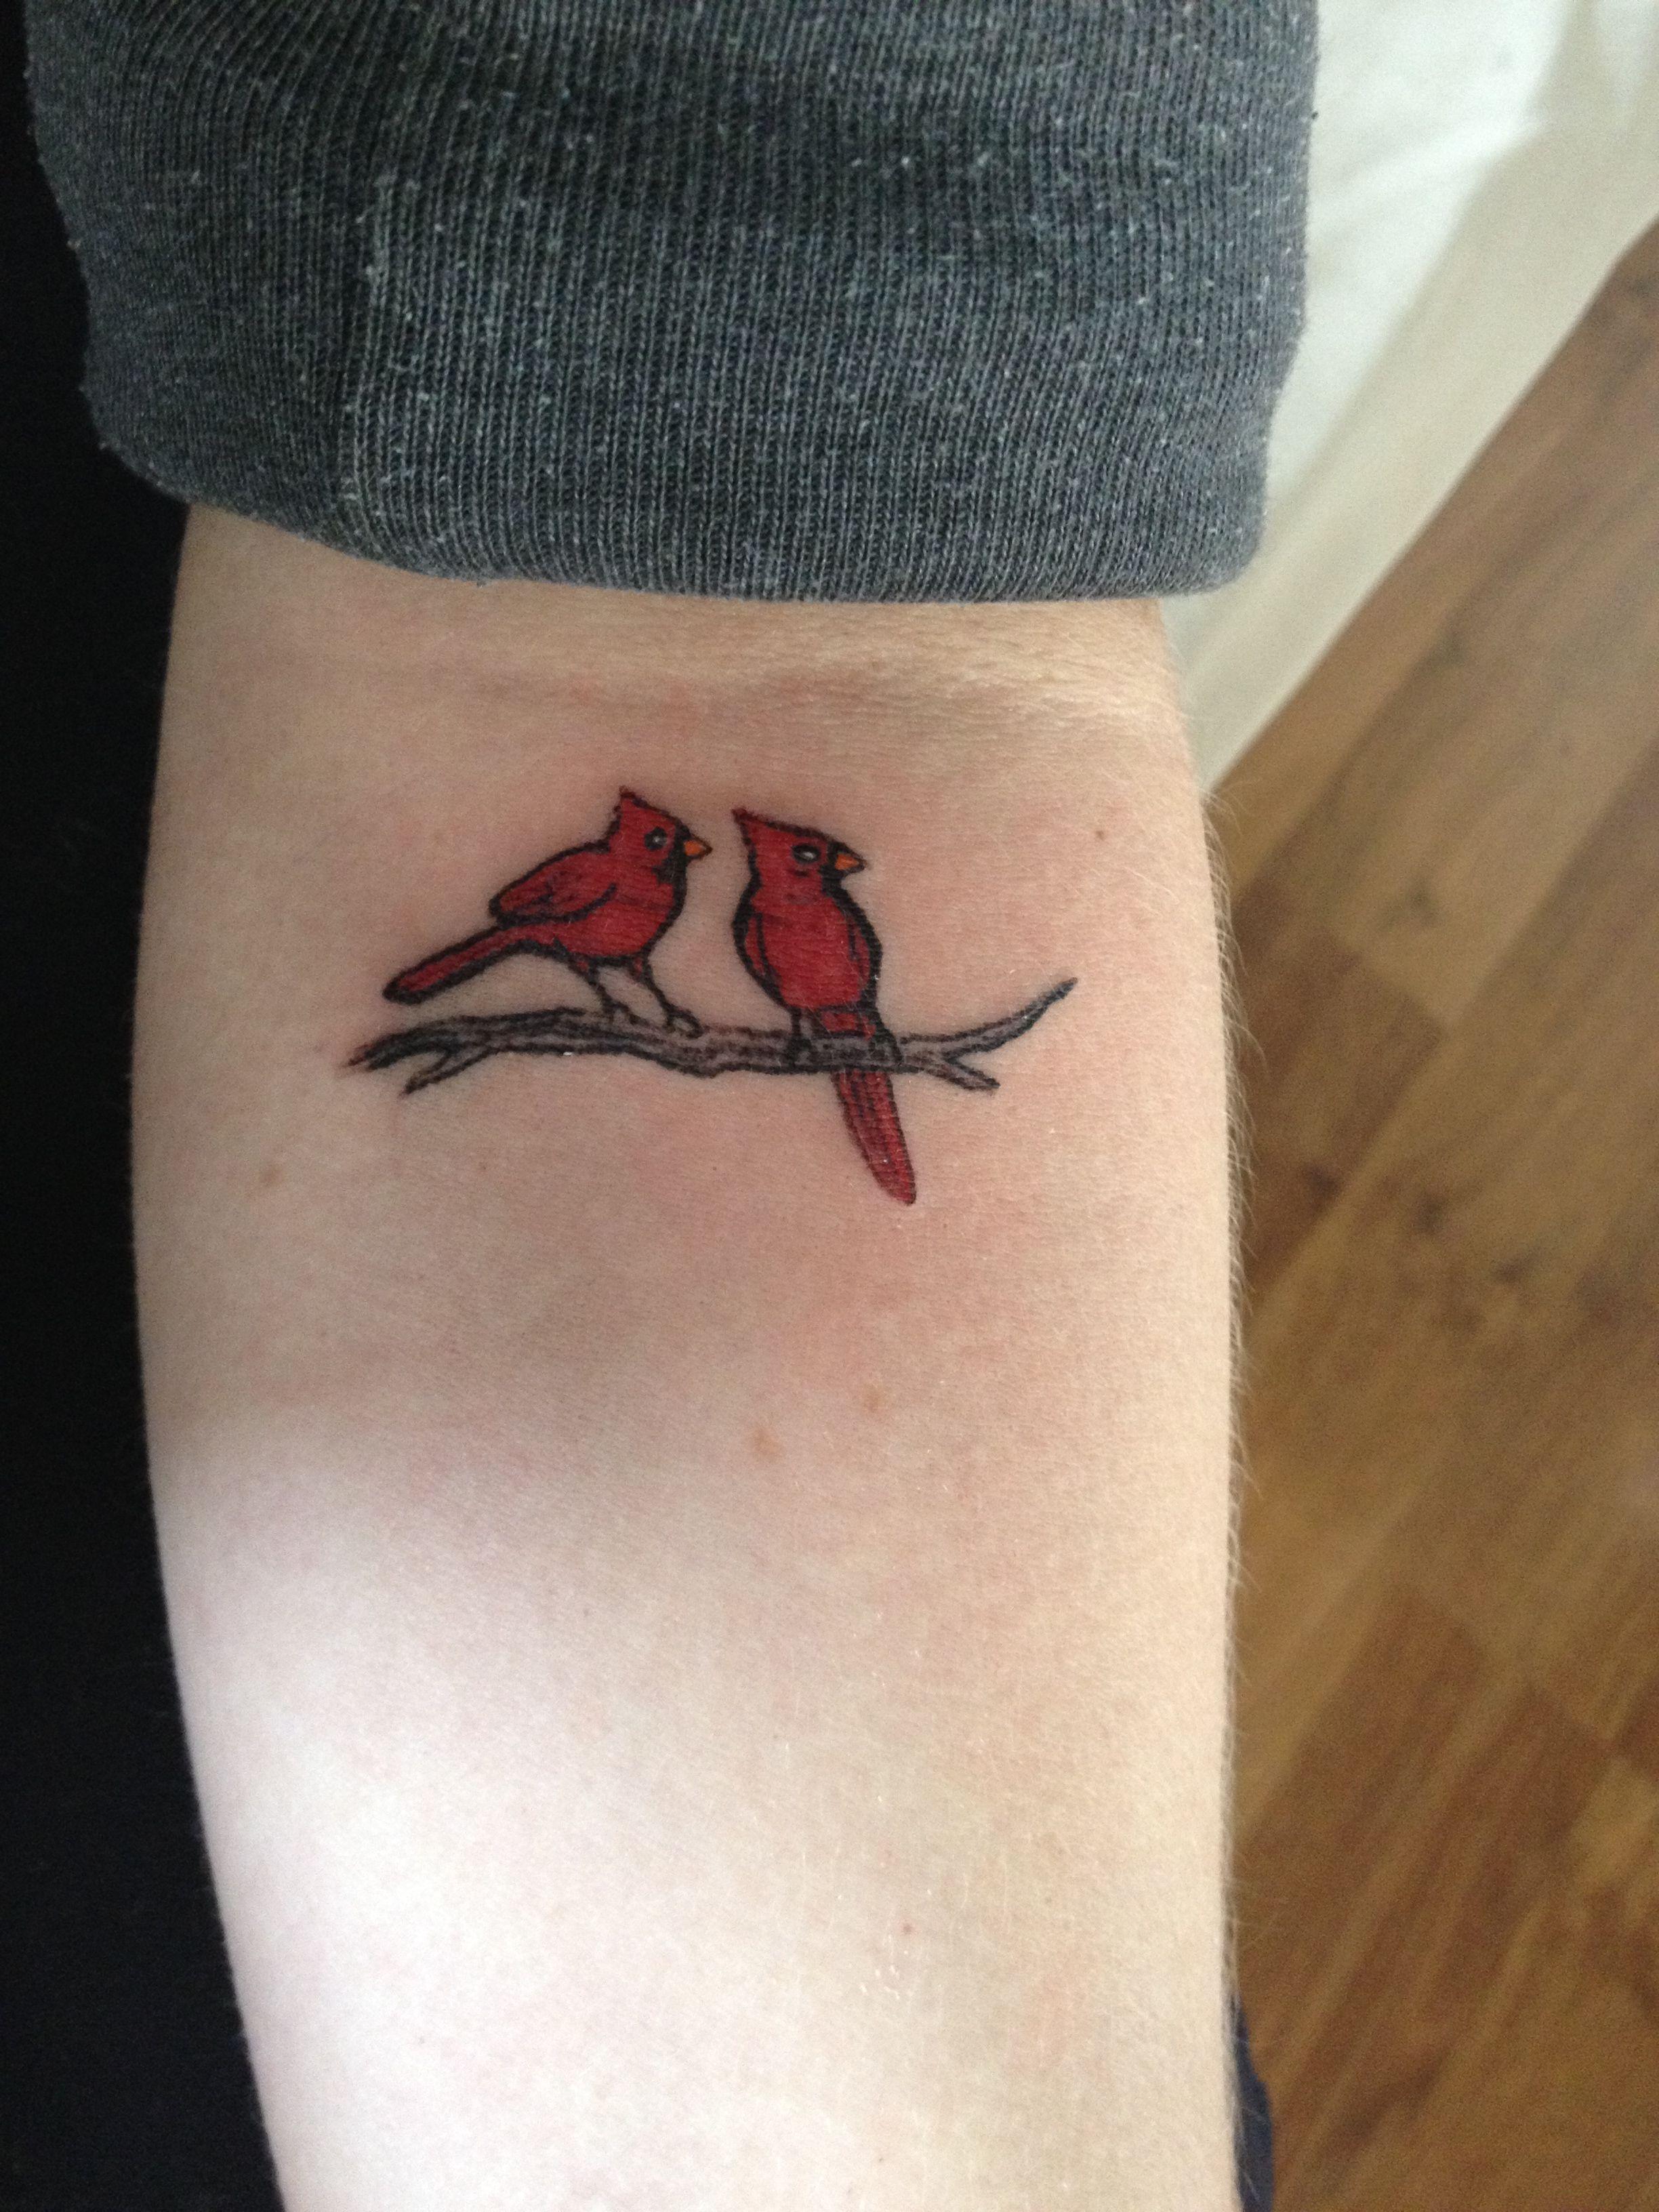 Small Bird Tattoo Ideas: Pin By Rachel Mackinnon On I Believe In Pink